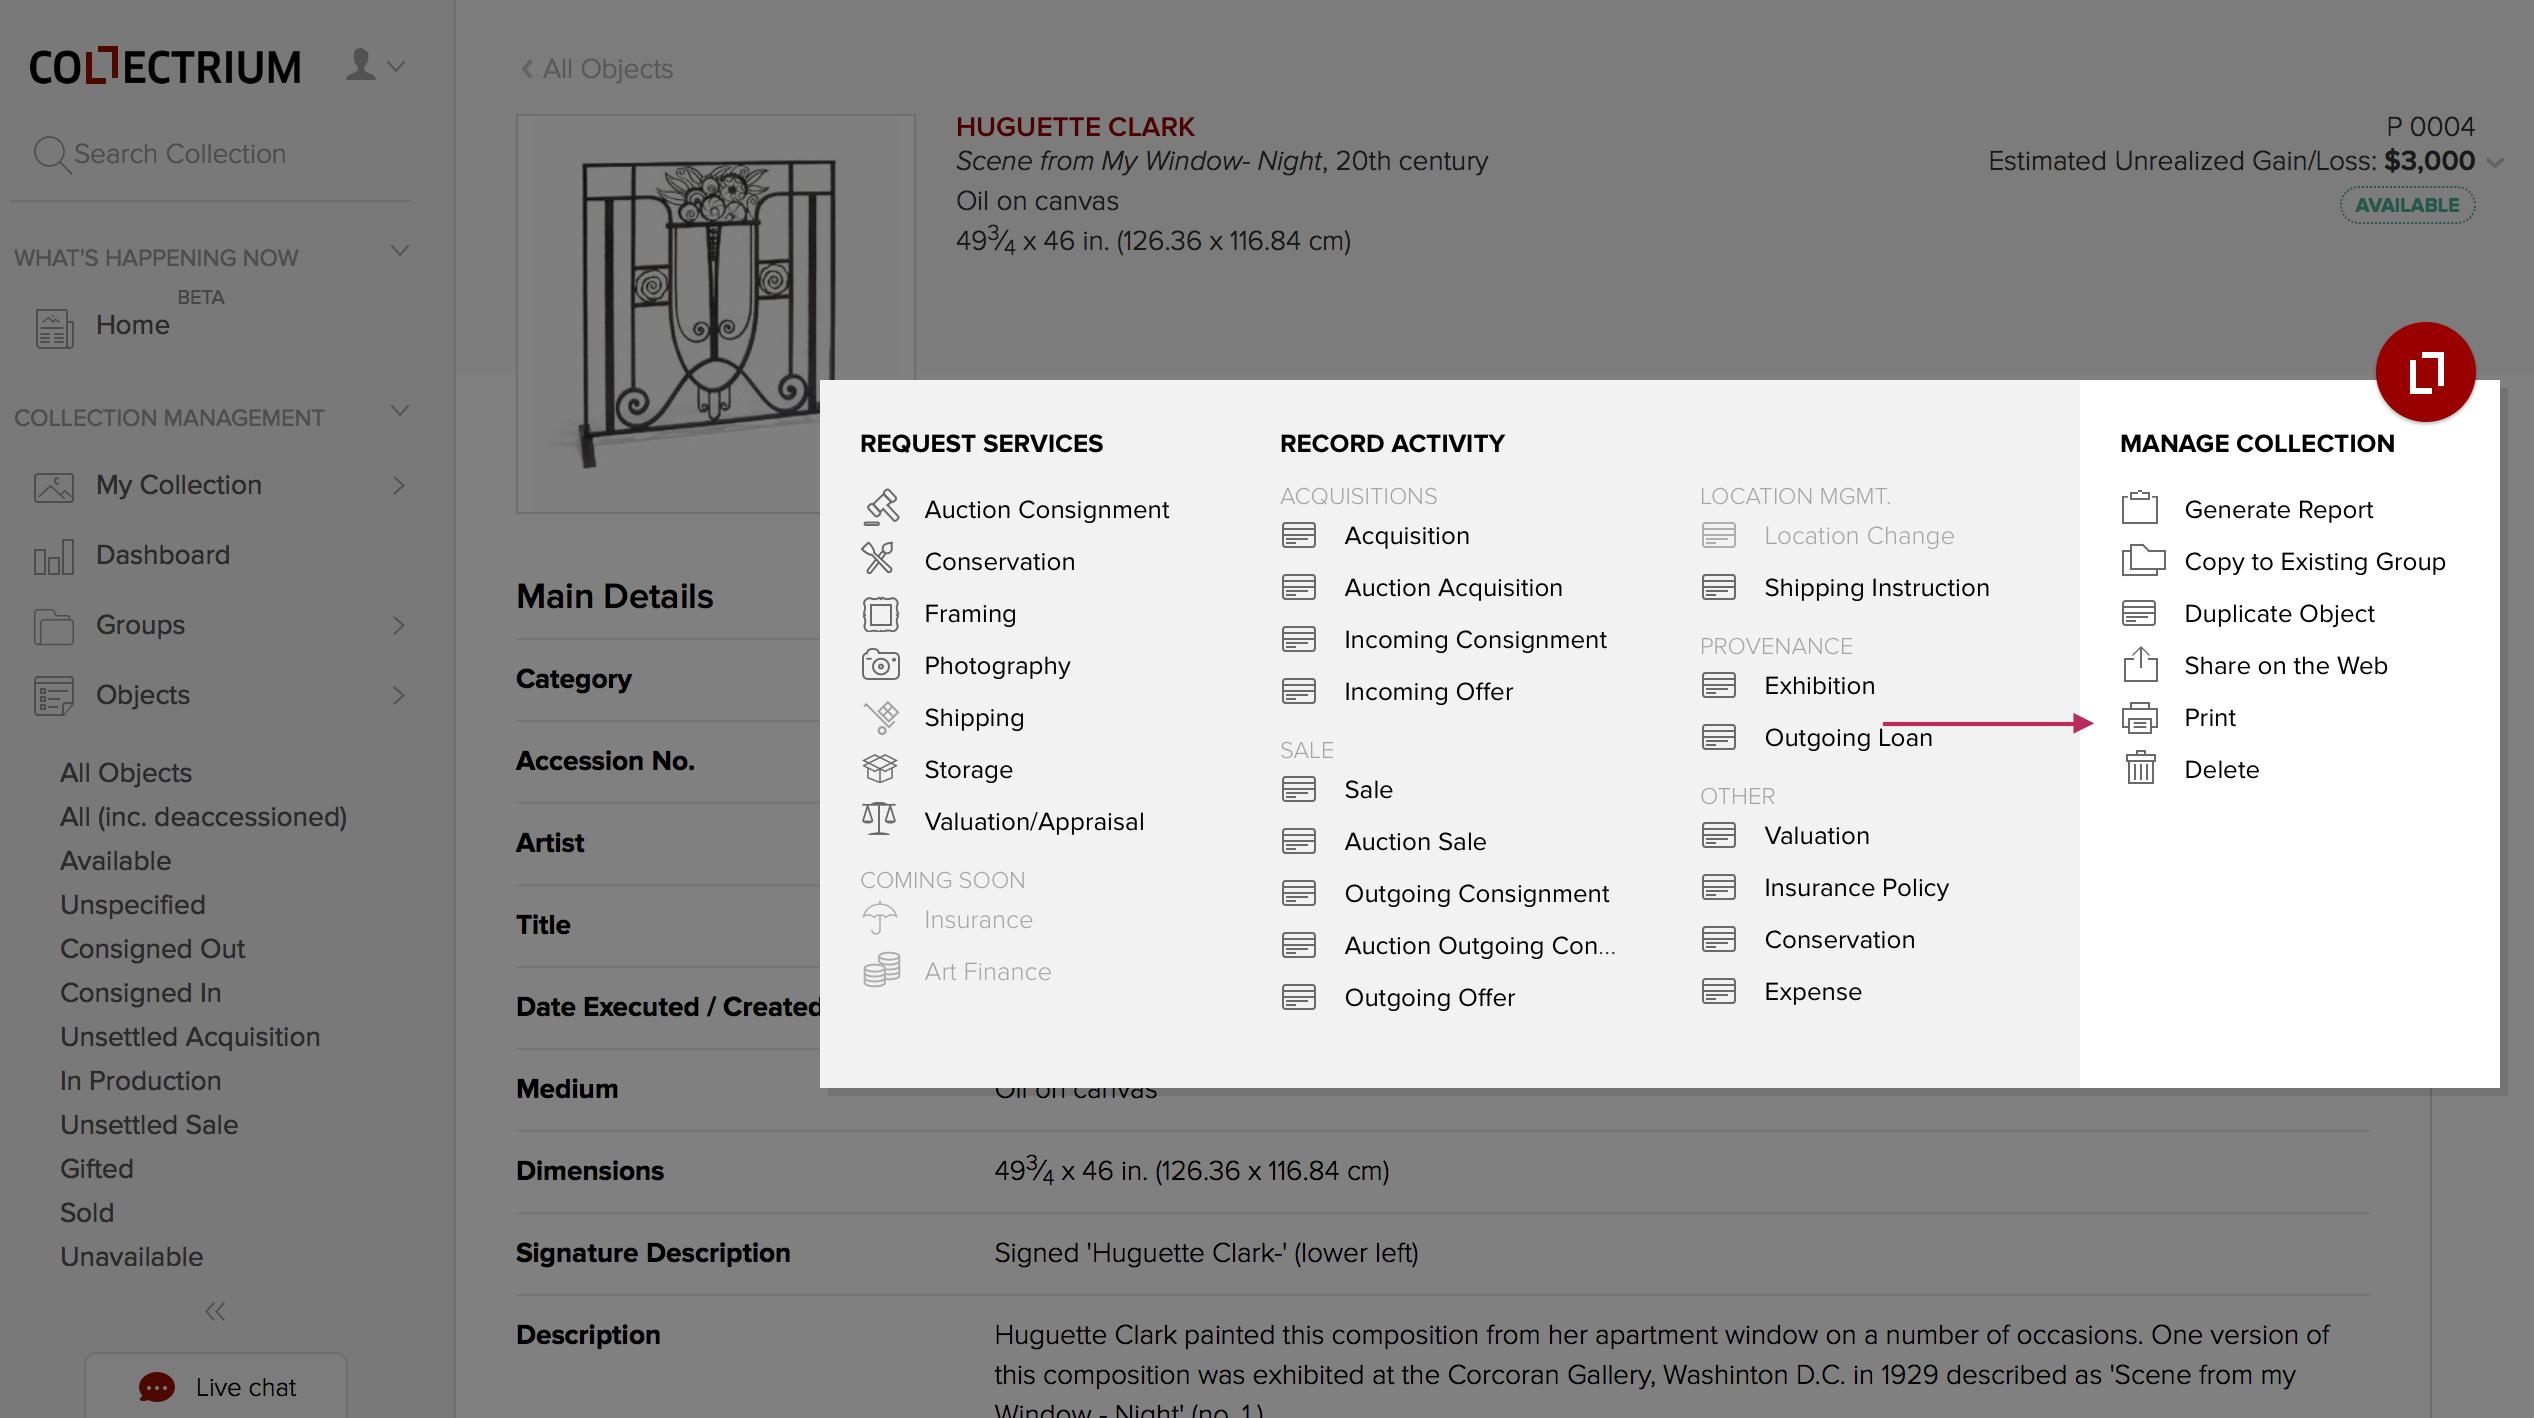 detailsprint